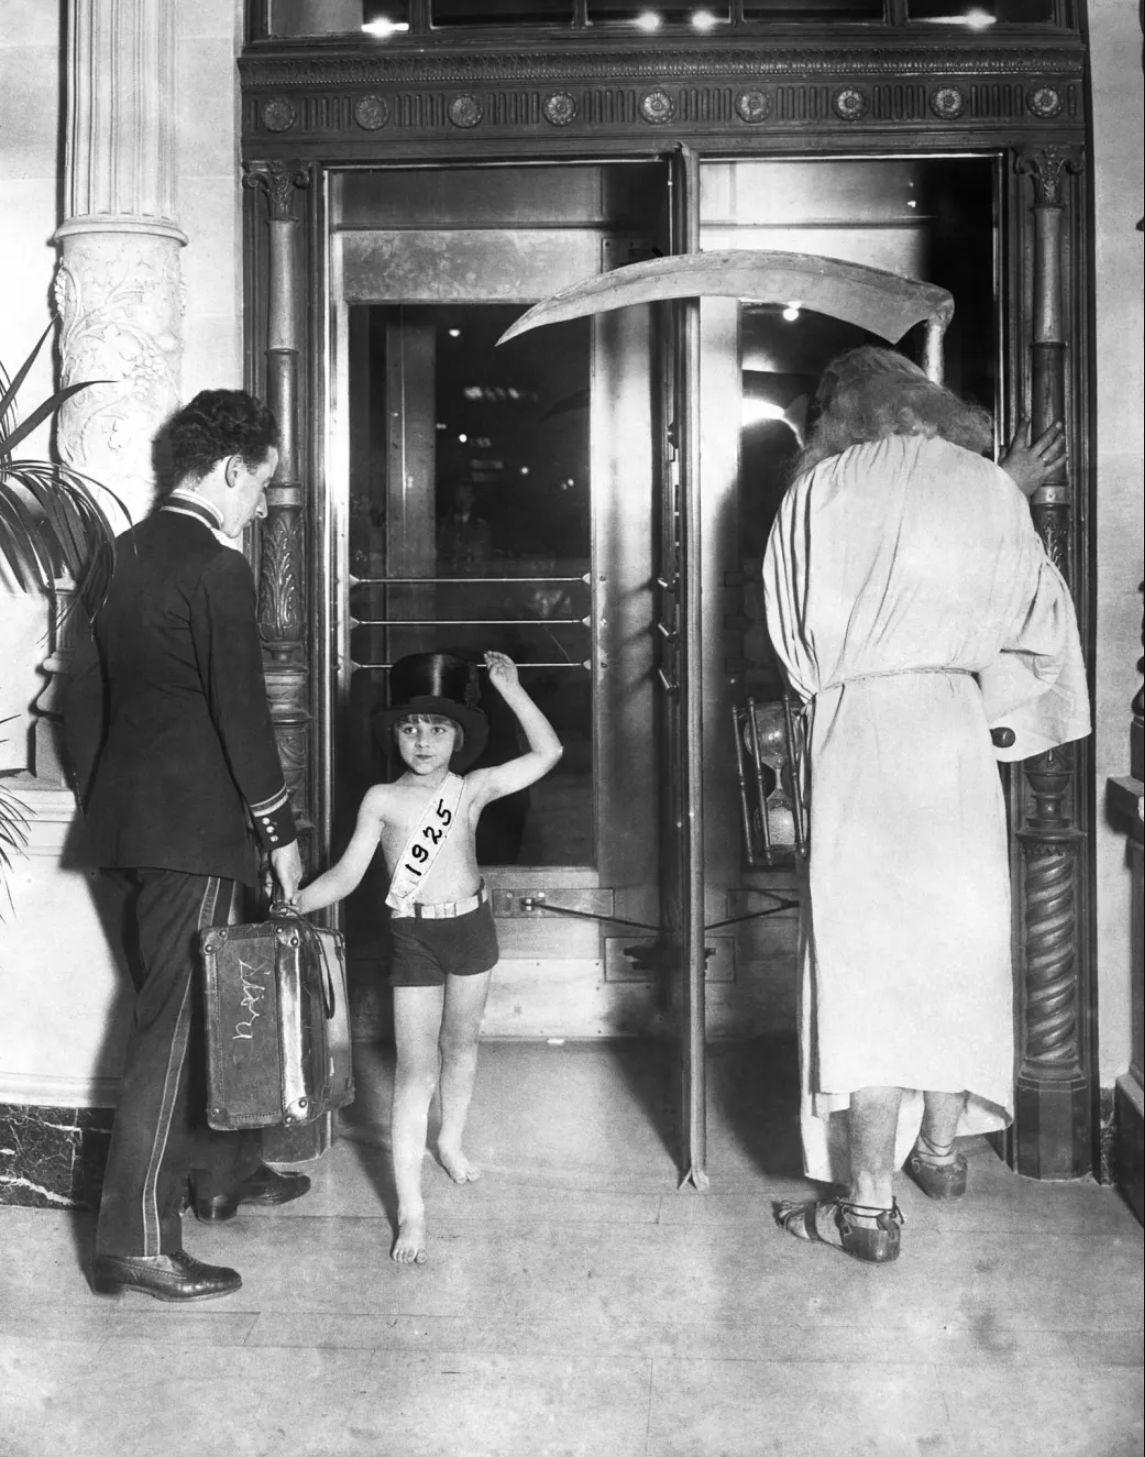 1925. Старый год (справа) уходит, так как новый год (как ребенок слева) проходит через вращающуюся дверь..jpg